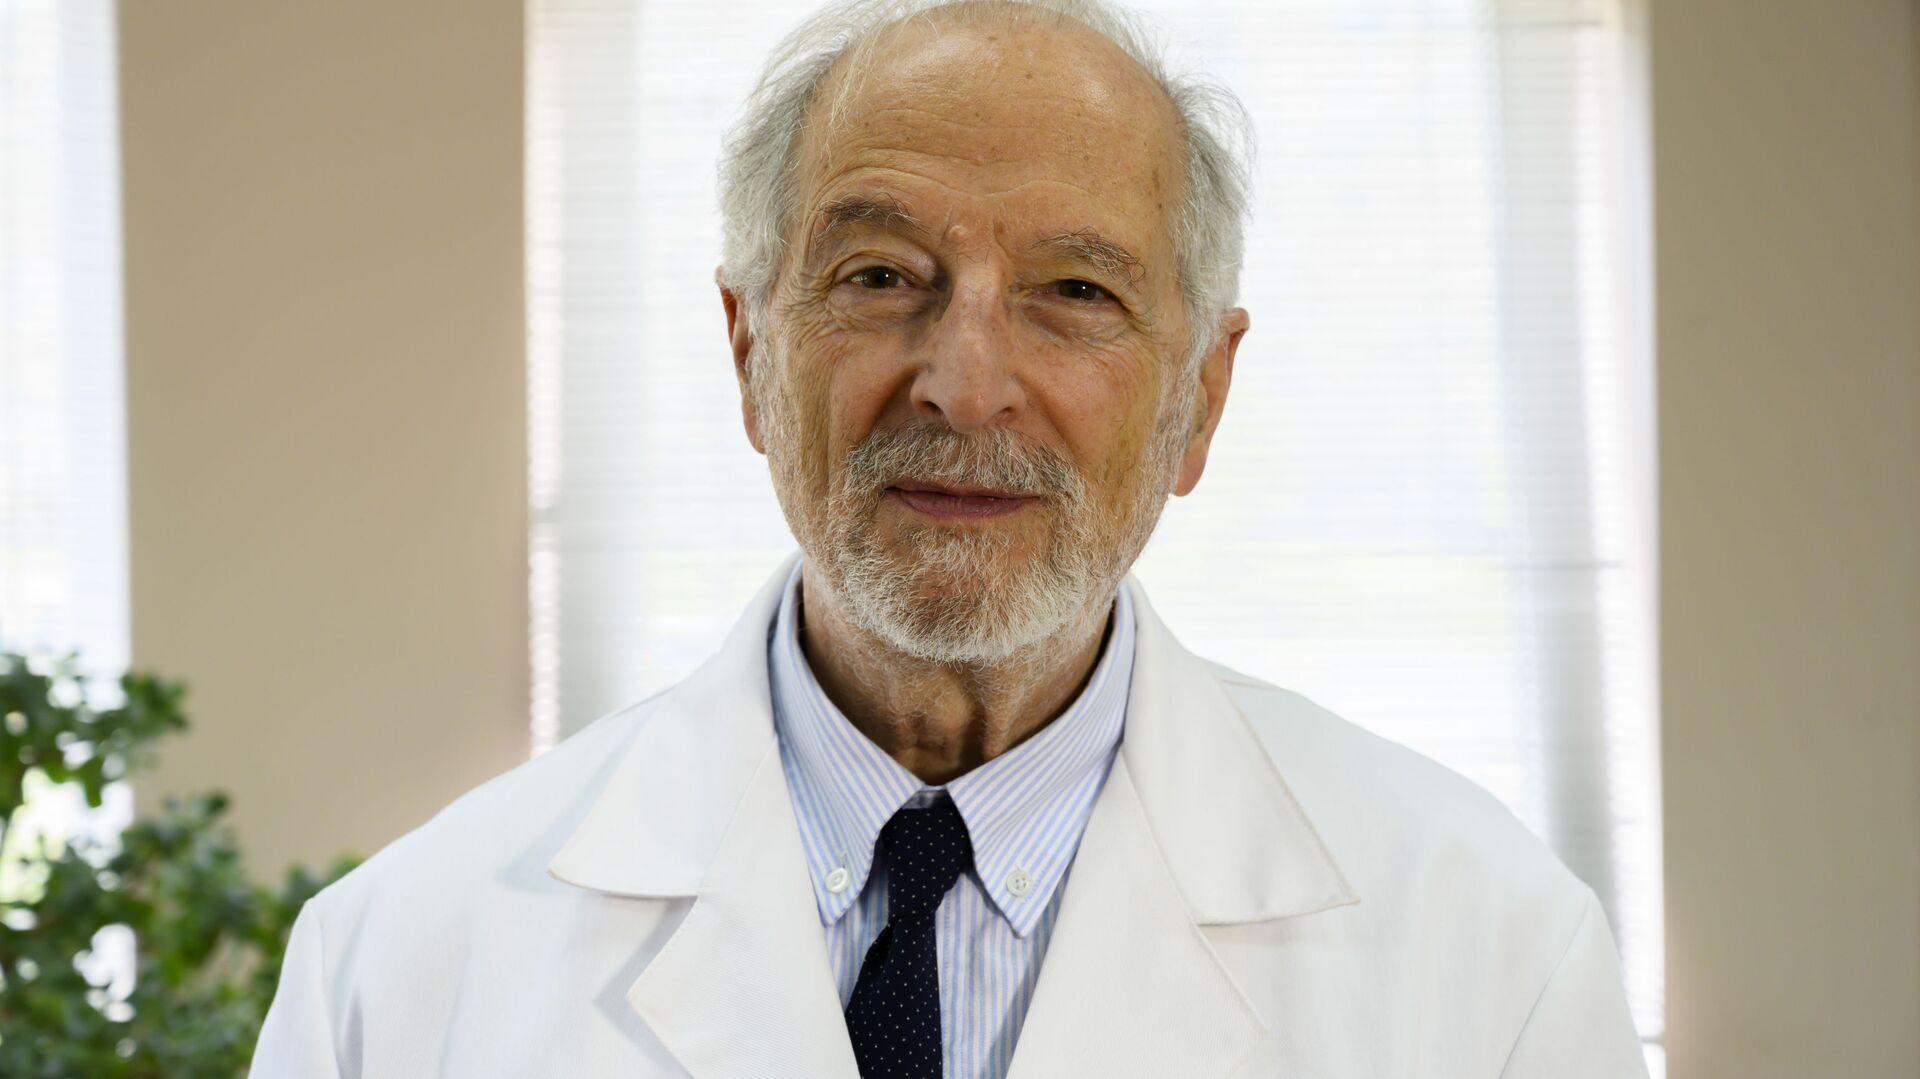 Luis Enjuanes, virólogo español - Sputnik Mundo, 1920, 22.03.2021